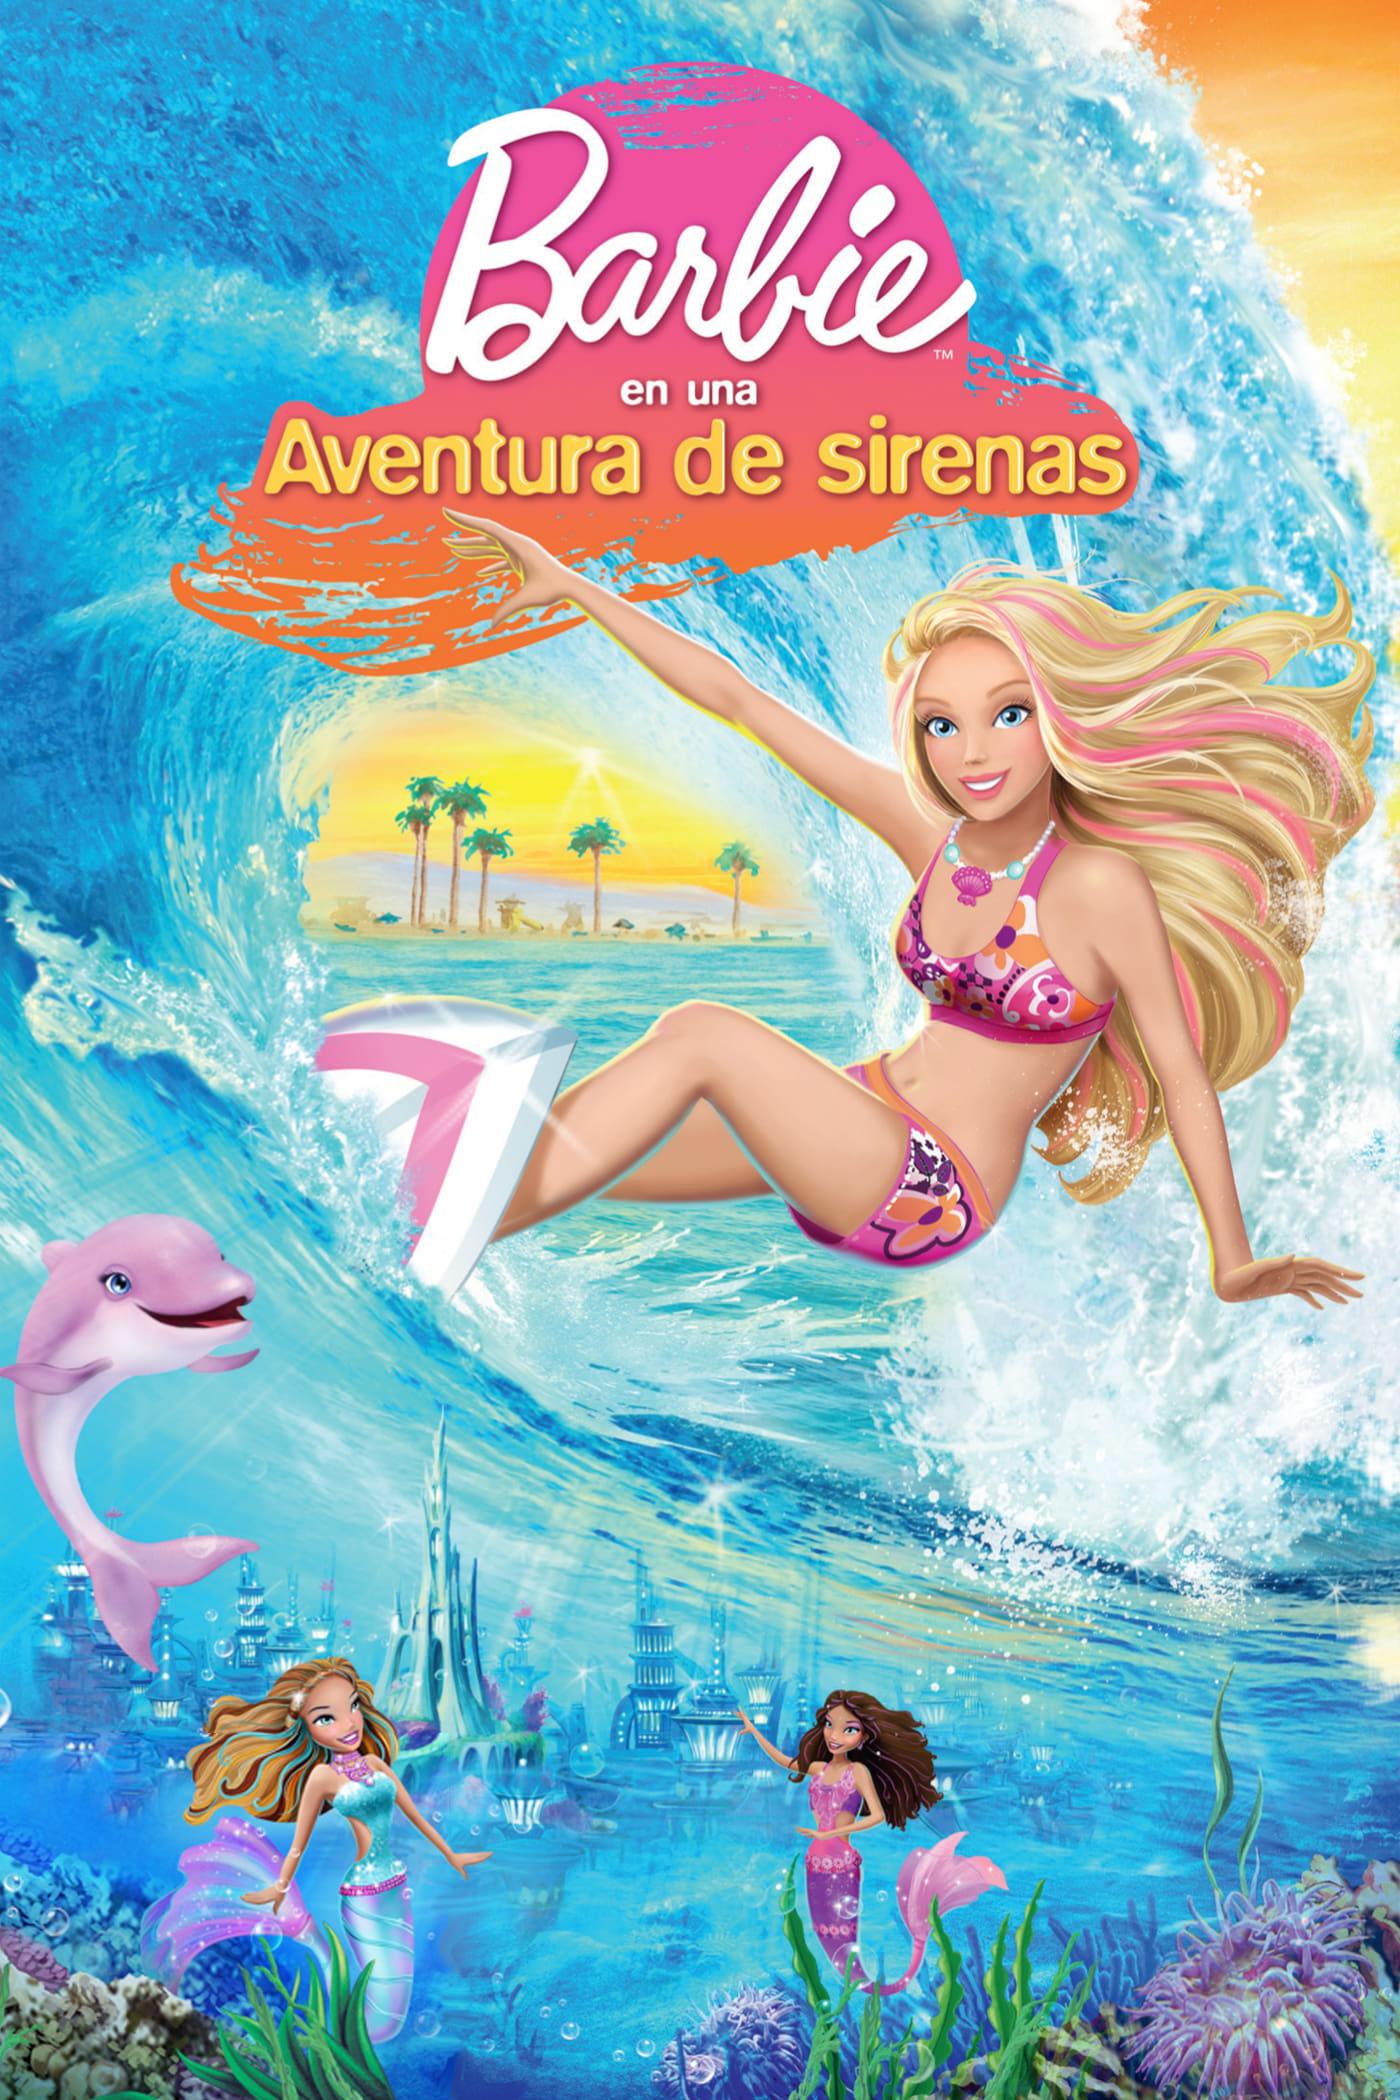 Barbie en Una Aventura de Sirenas poster